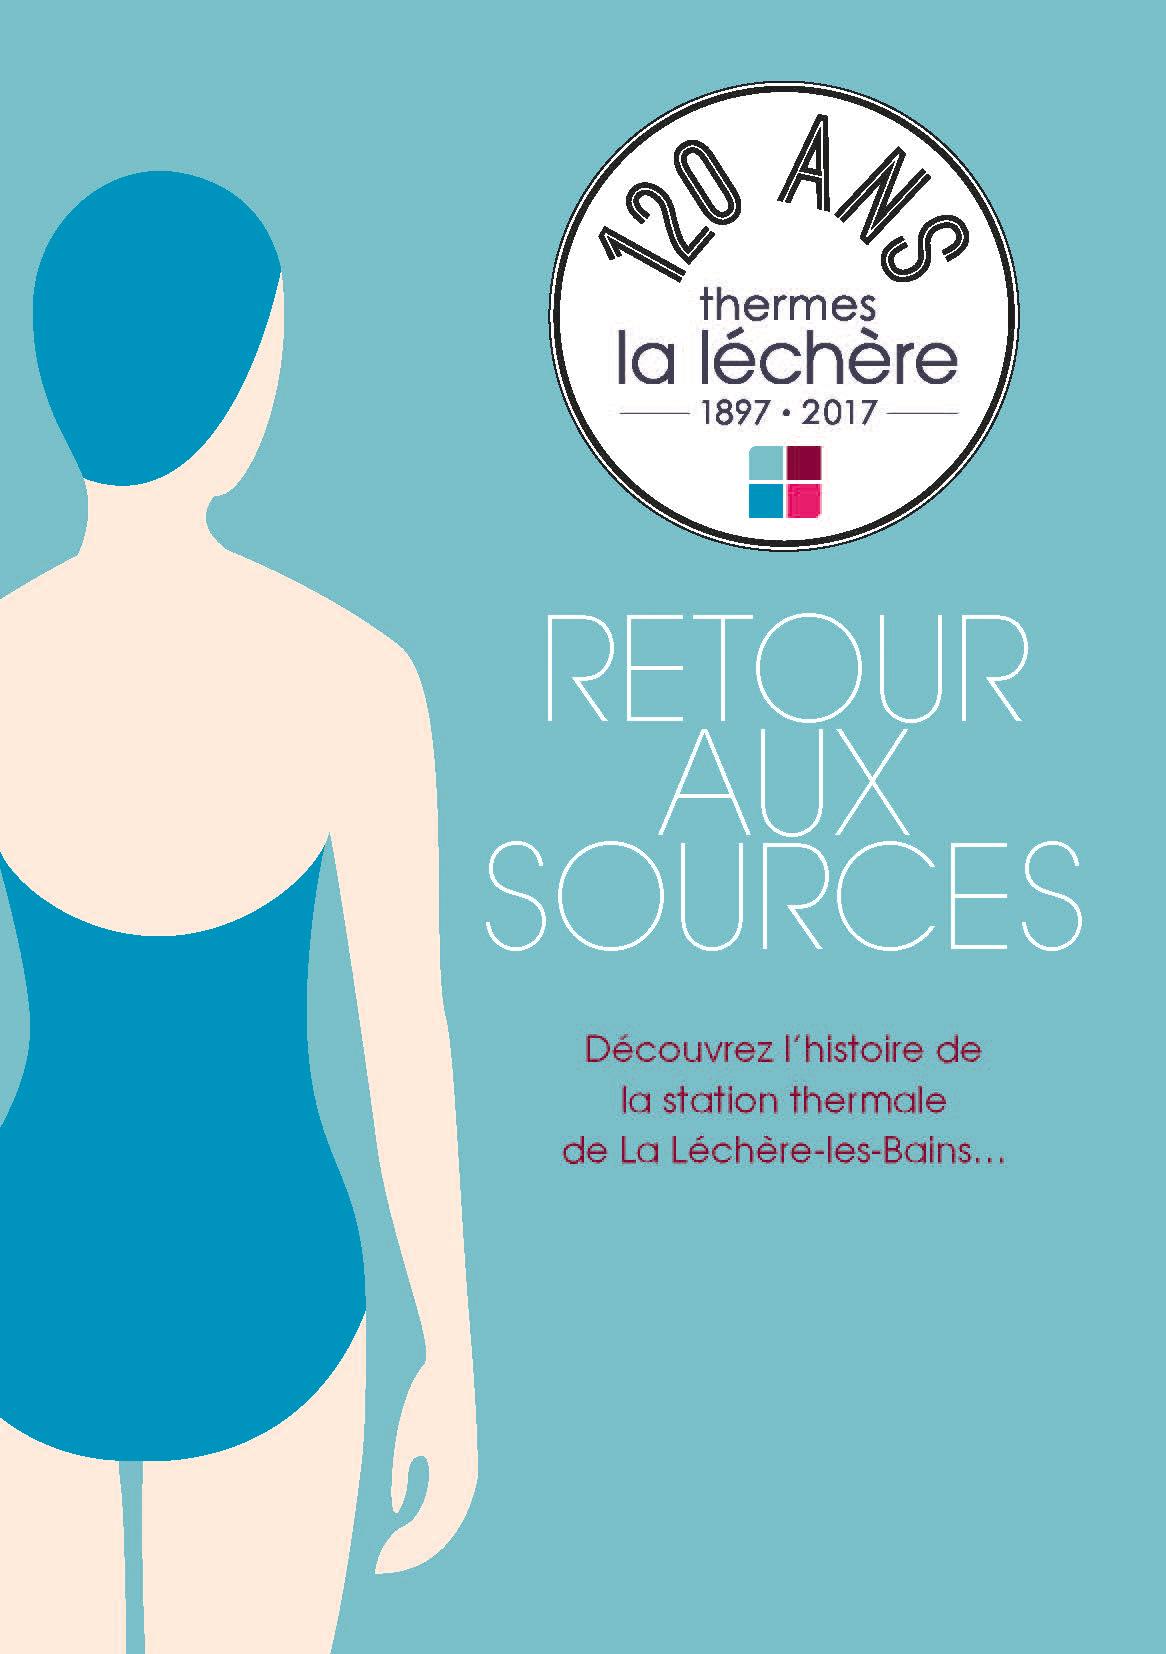 La Lechere-120 ans_Page_1